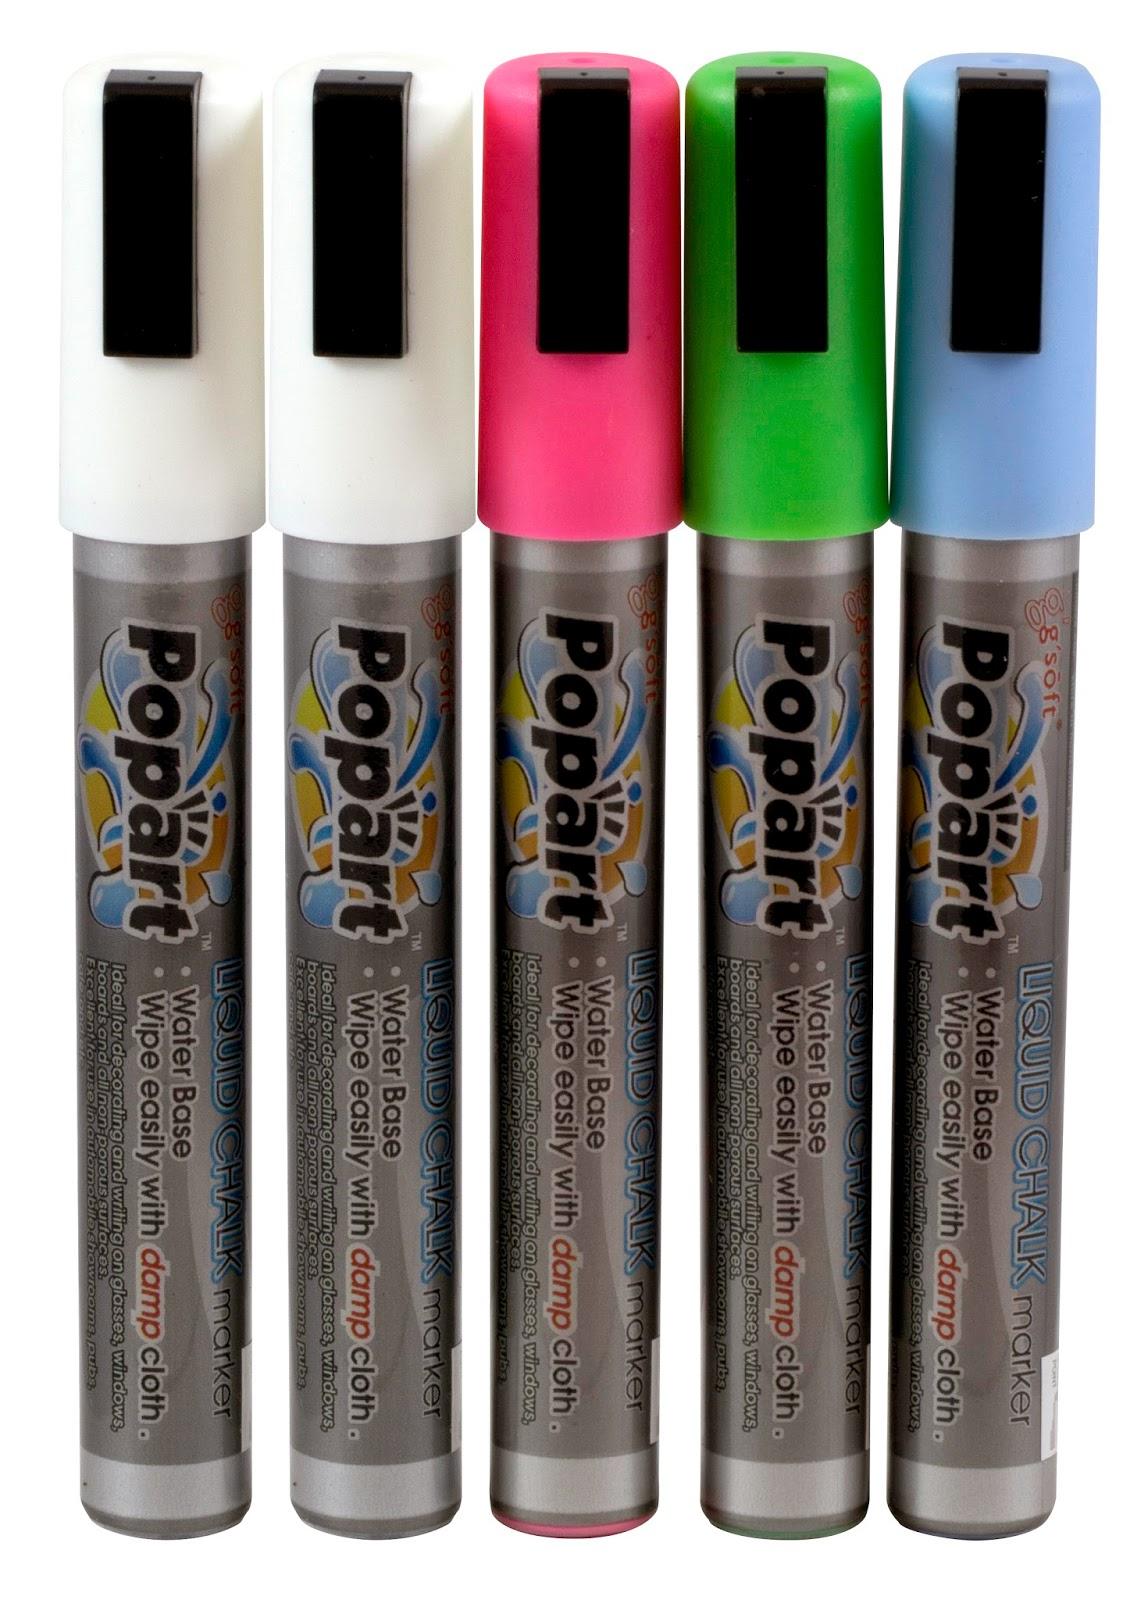 Set de Carioci Colorate pentru Scris pe Tabla Neagra, Pret: 68 RON (cu TVA), Accesorii Restaurant, www.amenajarihoreca.ro